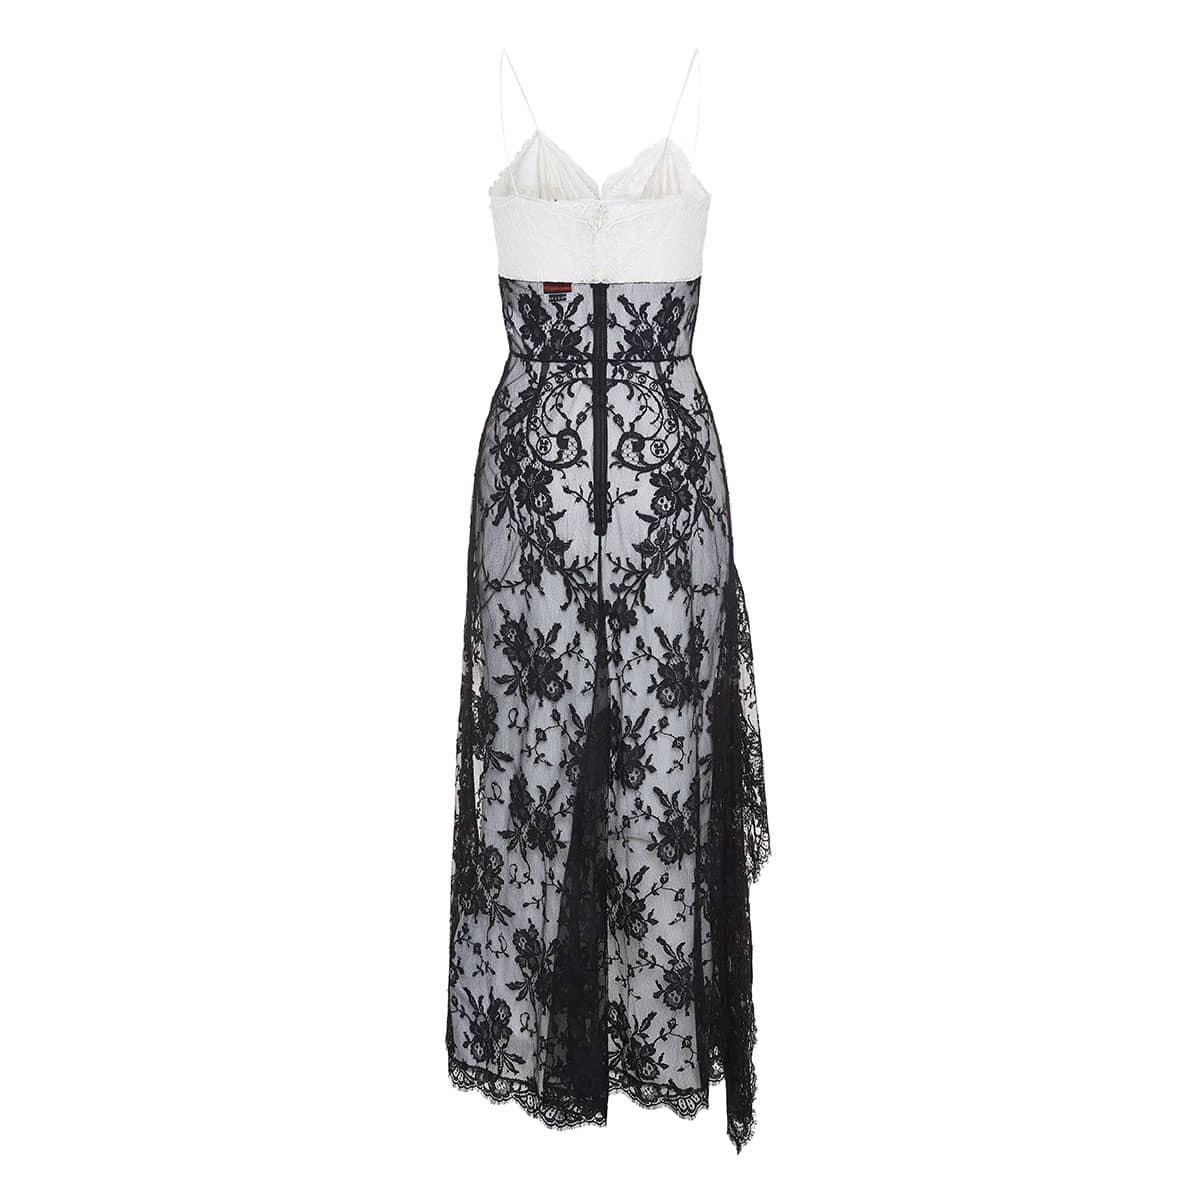 Asymmetric draped lace dress